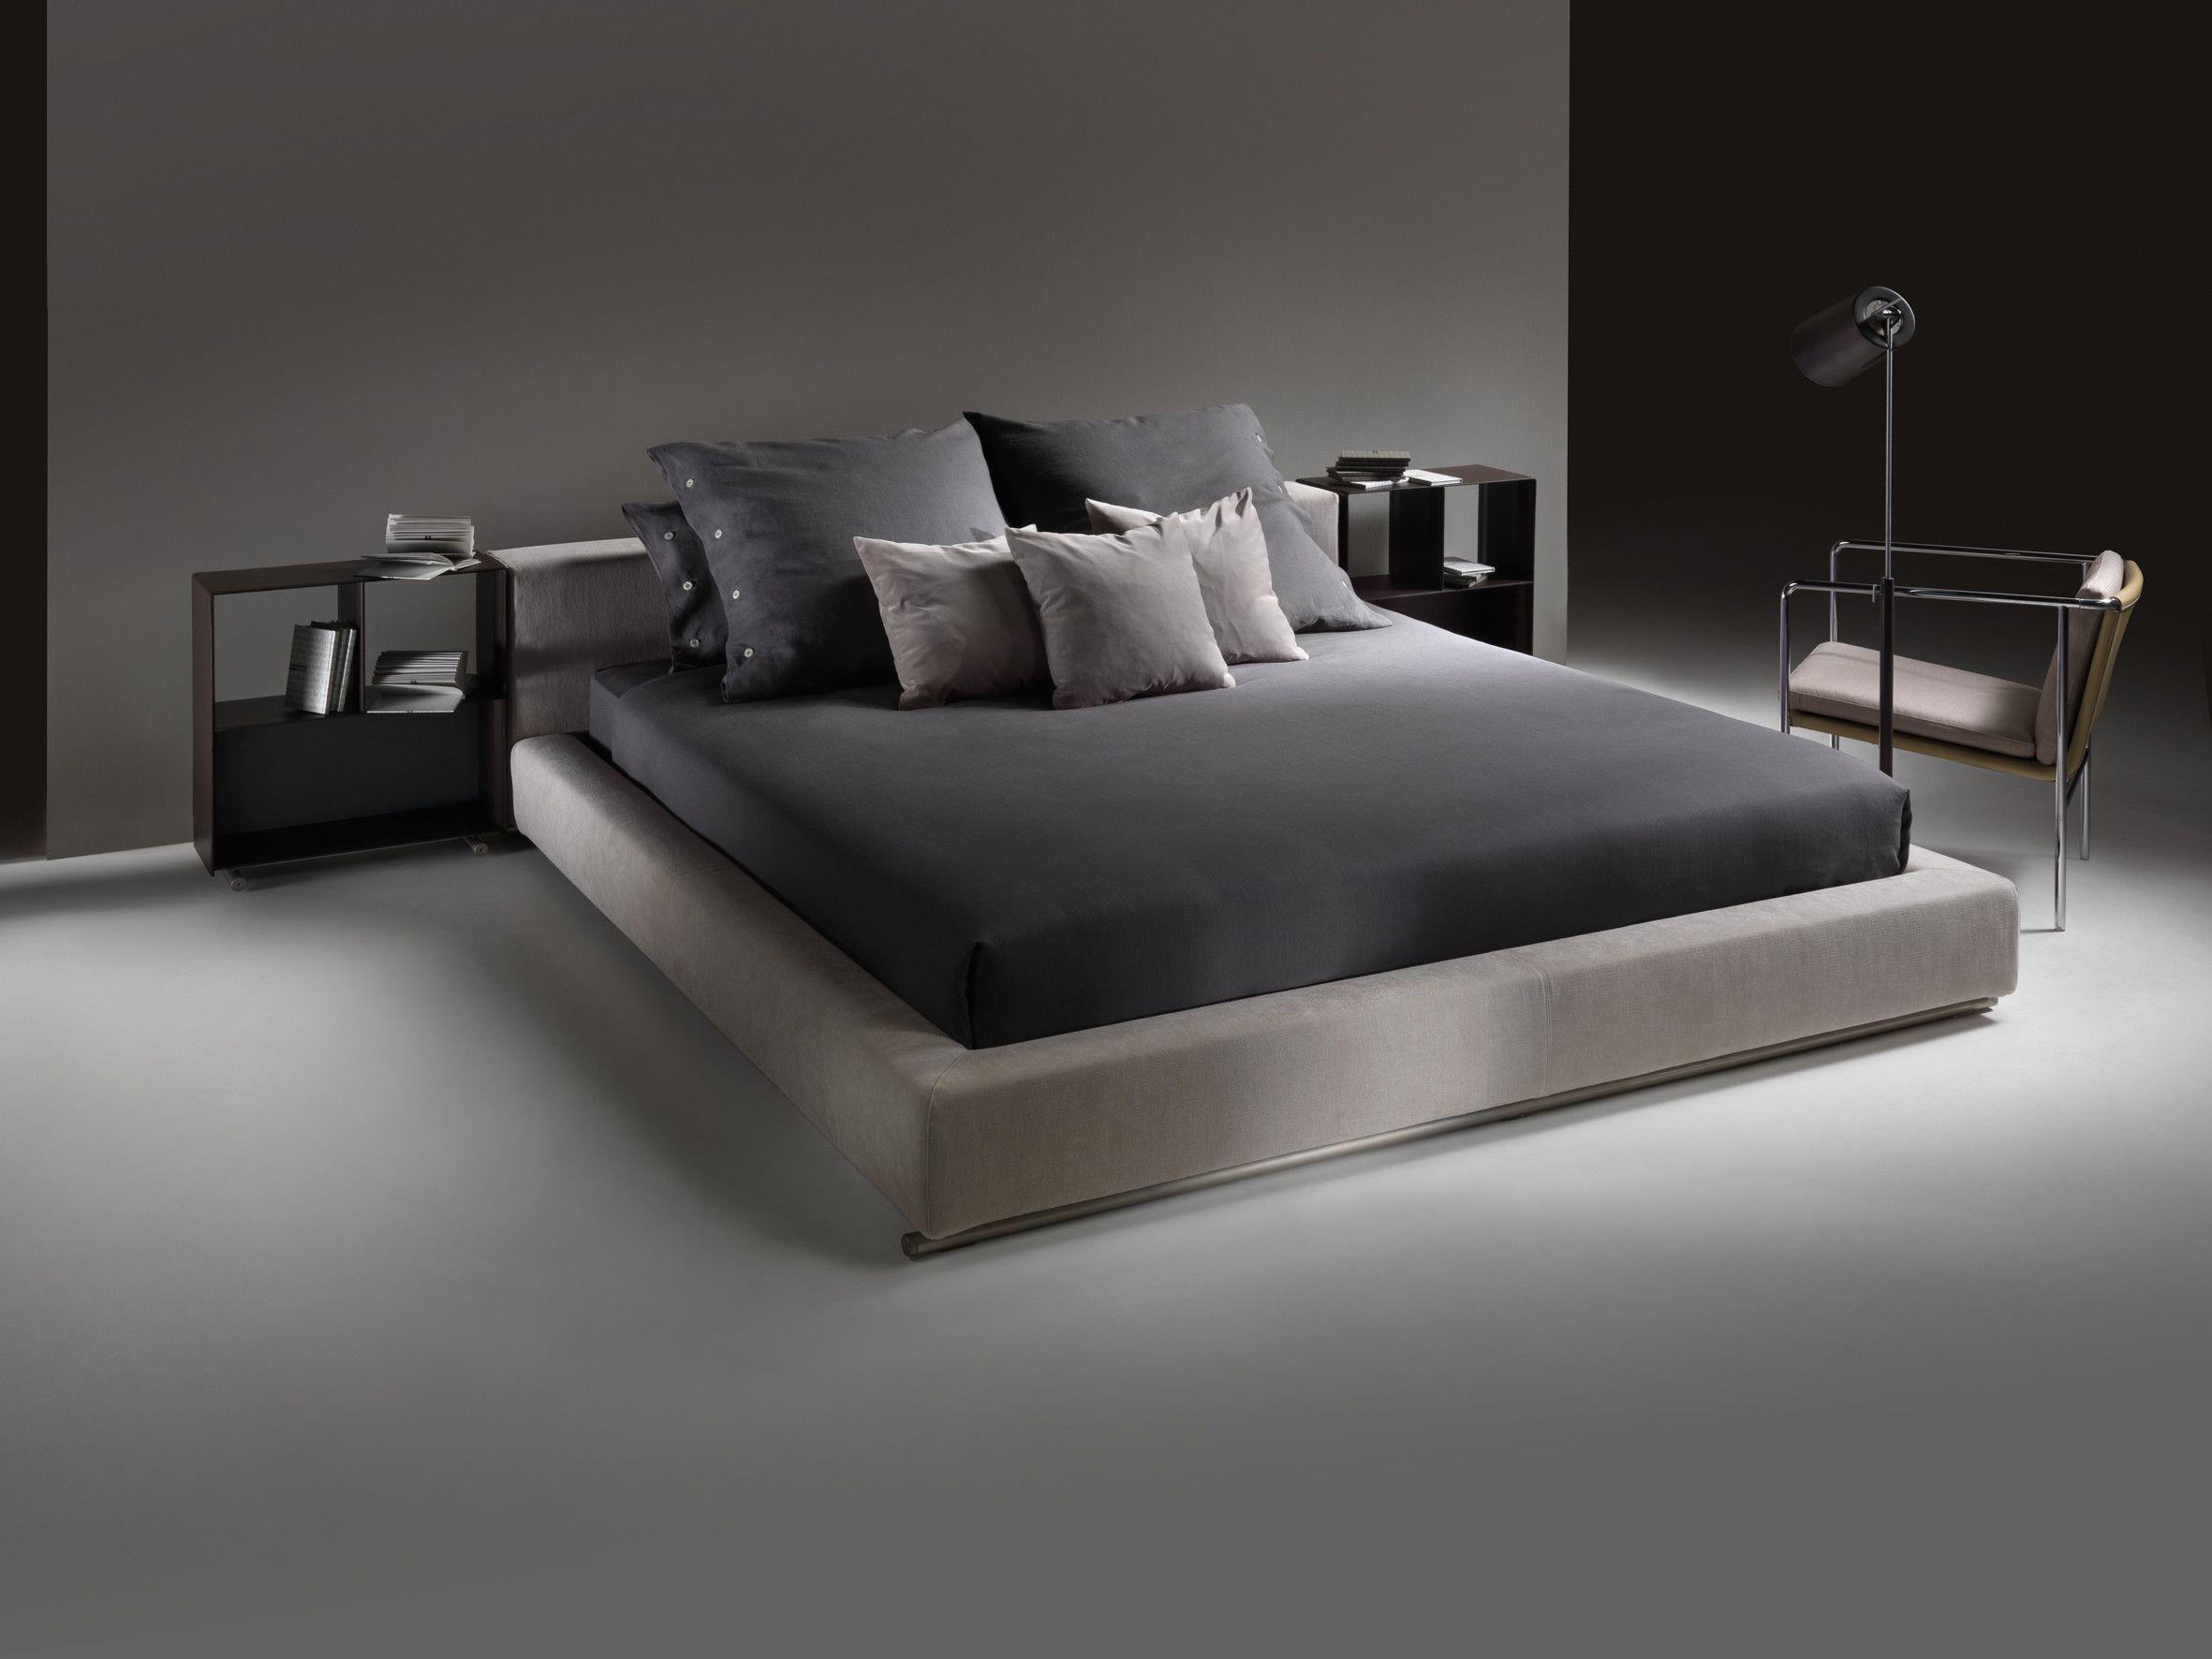 Groundpiece Bed By Flexform Via Designresource